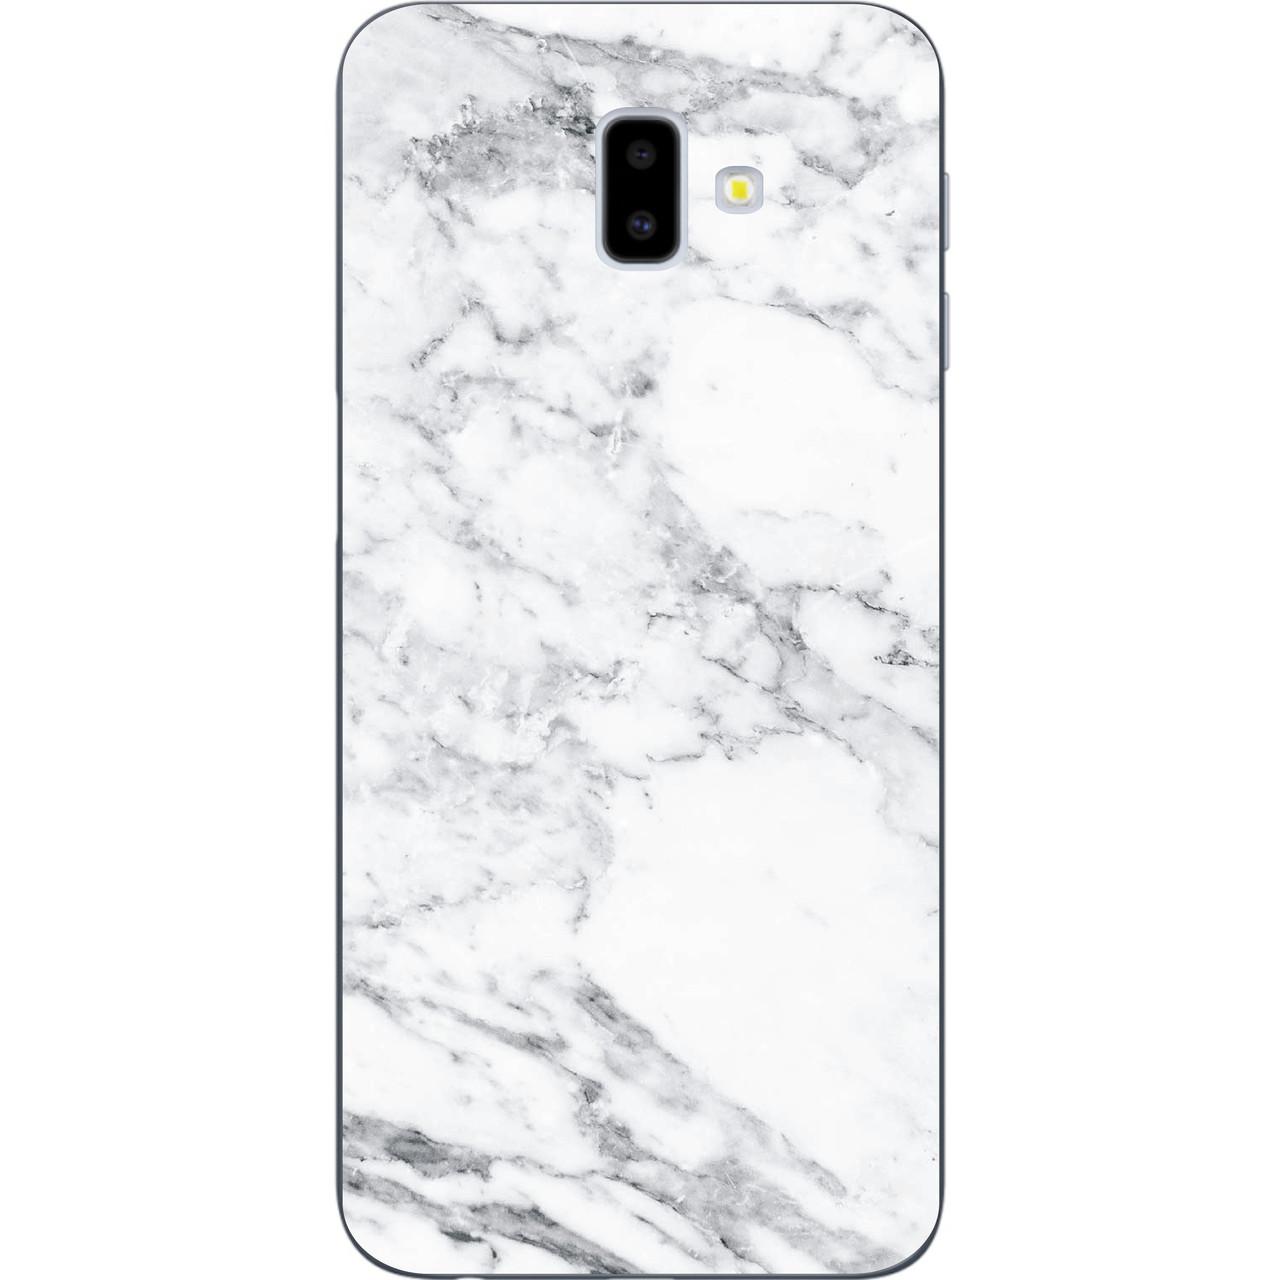 Оригінальний чохол накладка для Samsung Galaxy J6 Plus 2018 з картинкою Мармур